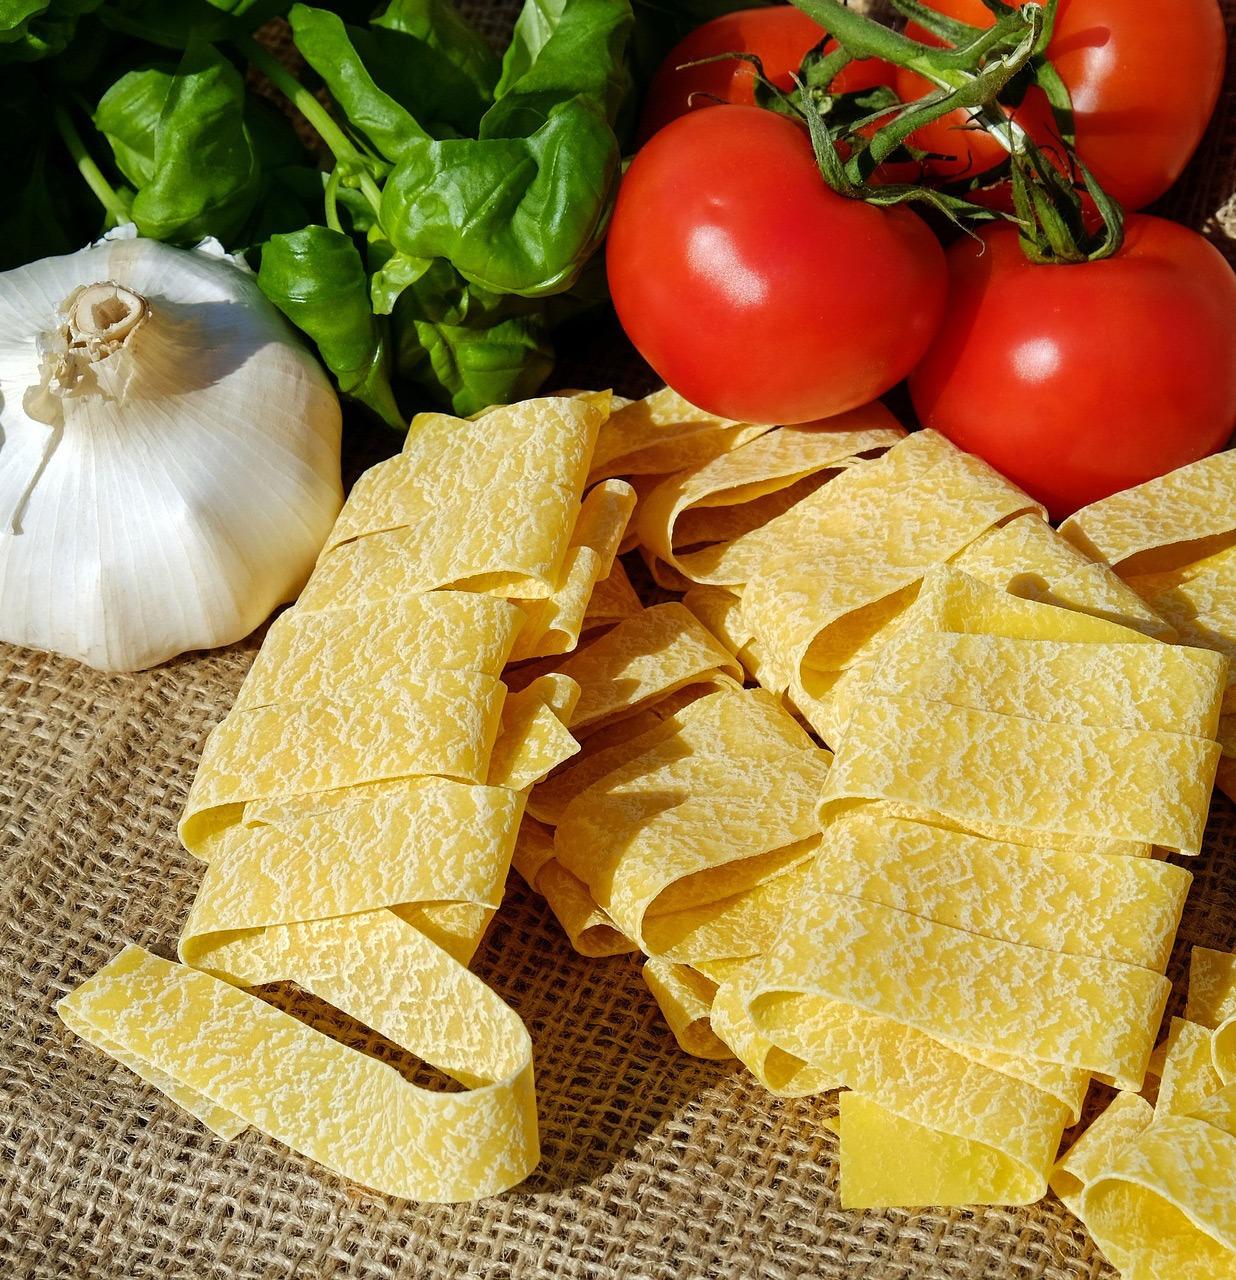 badania na nietolerancje pokarmowe warszawa, badanie nietolerancji pokarmowej warszawa